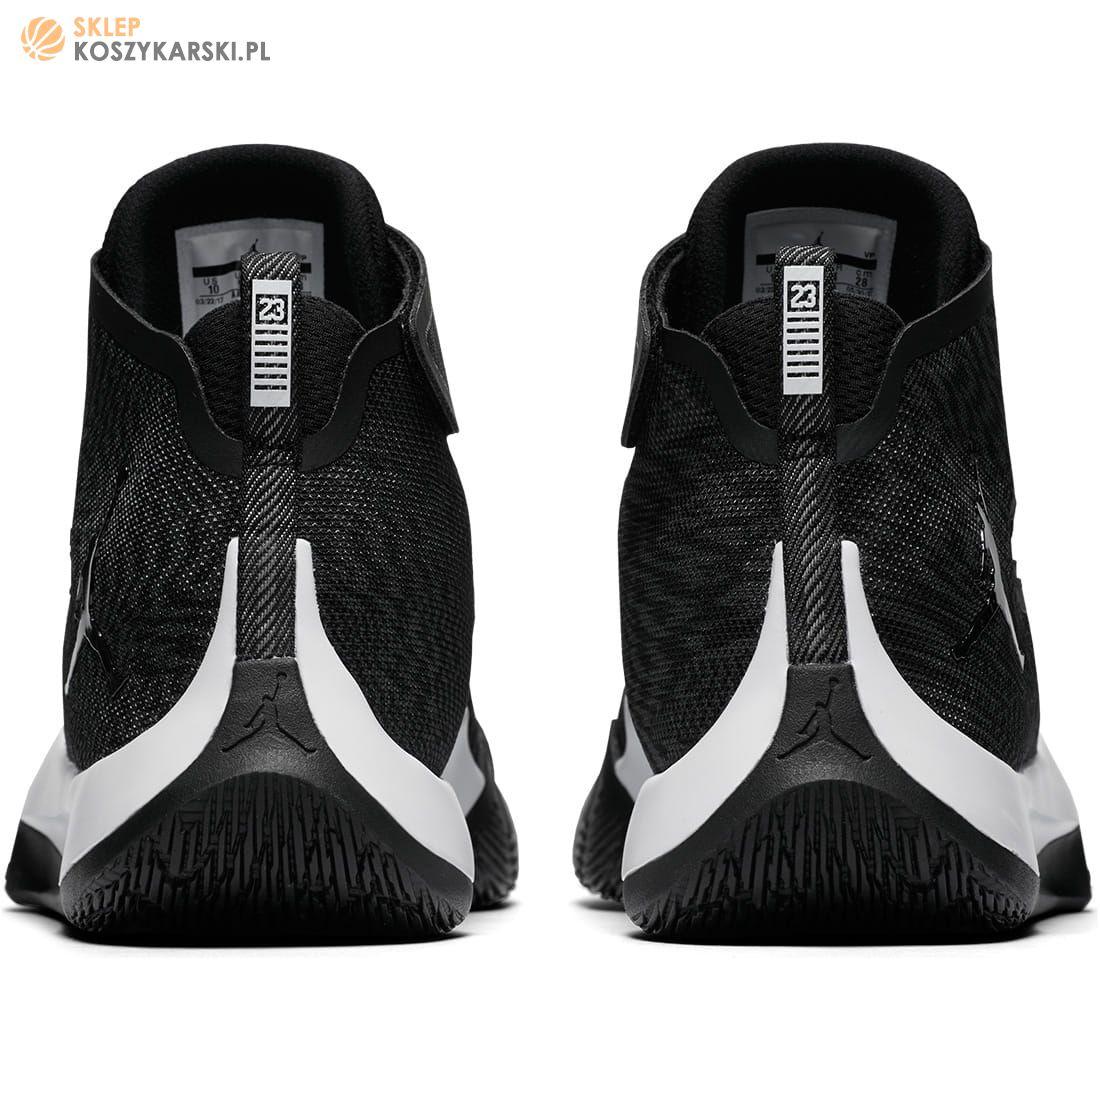 Buty koszykarskie Jordan Fly Unlimited Black (AA1282 010)